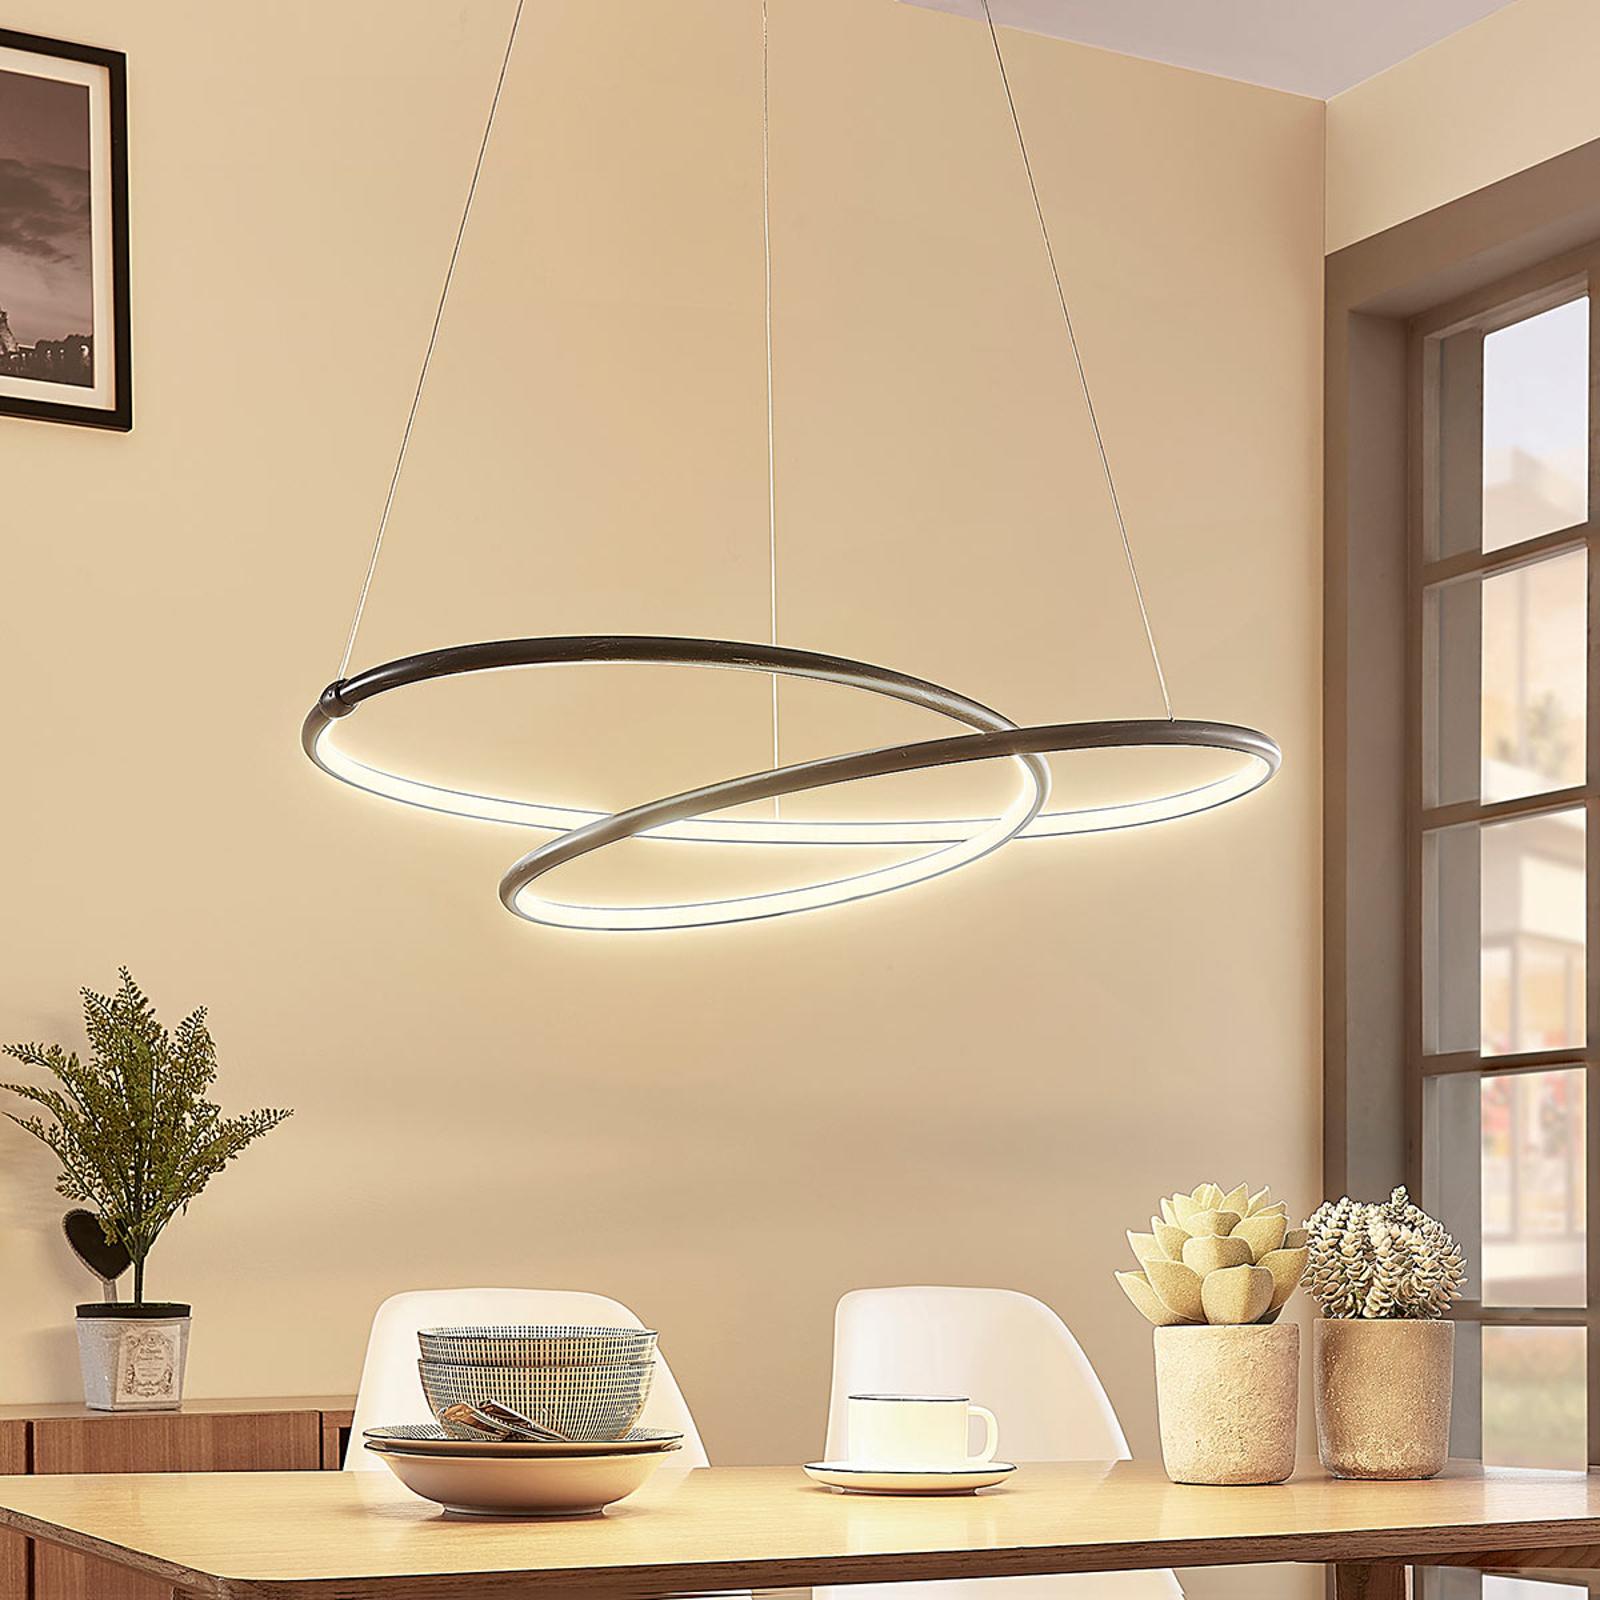 LED-Pendelleuchte Mirasu, spiralförmig, schwarz